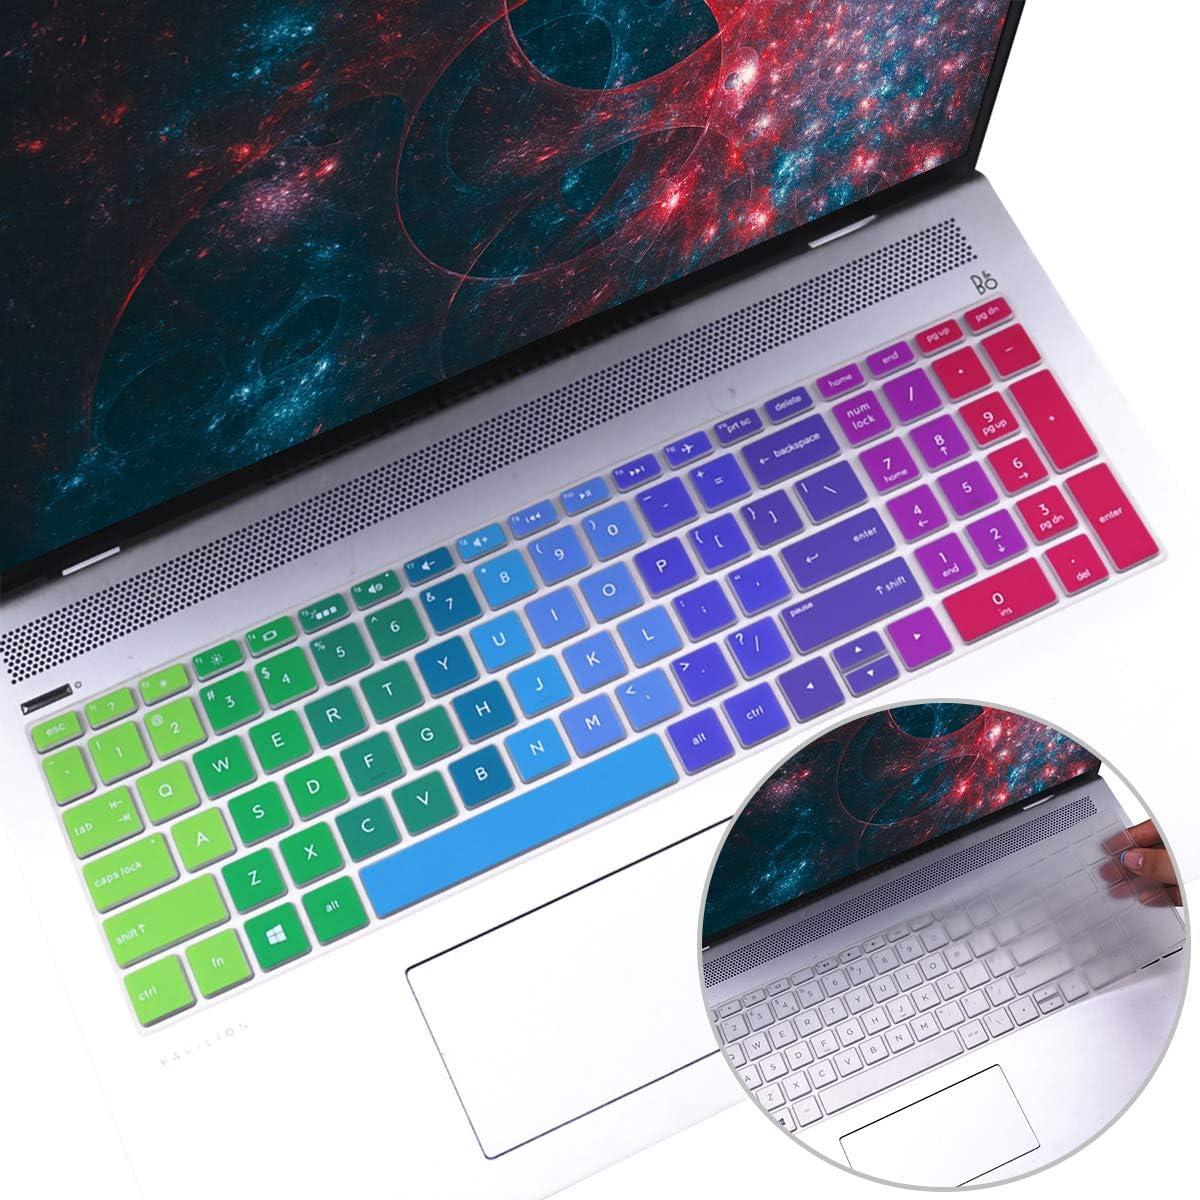 Protector de teclado USA HP 15-db 15-dw 15-dy (ver modelos)